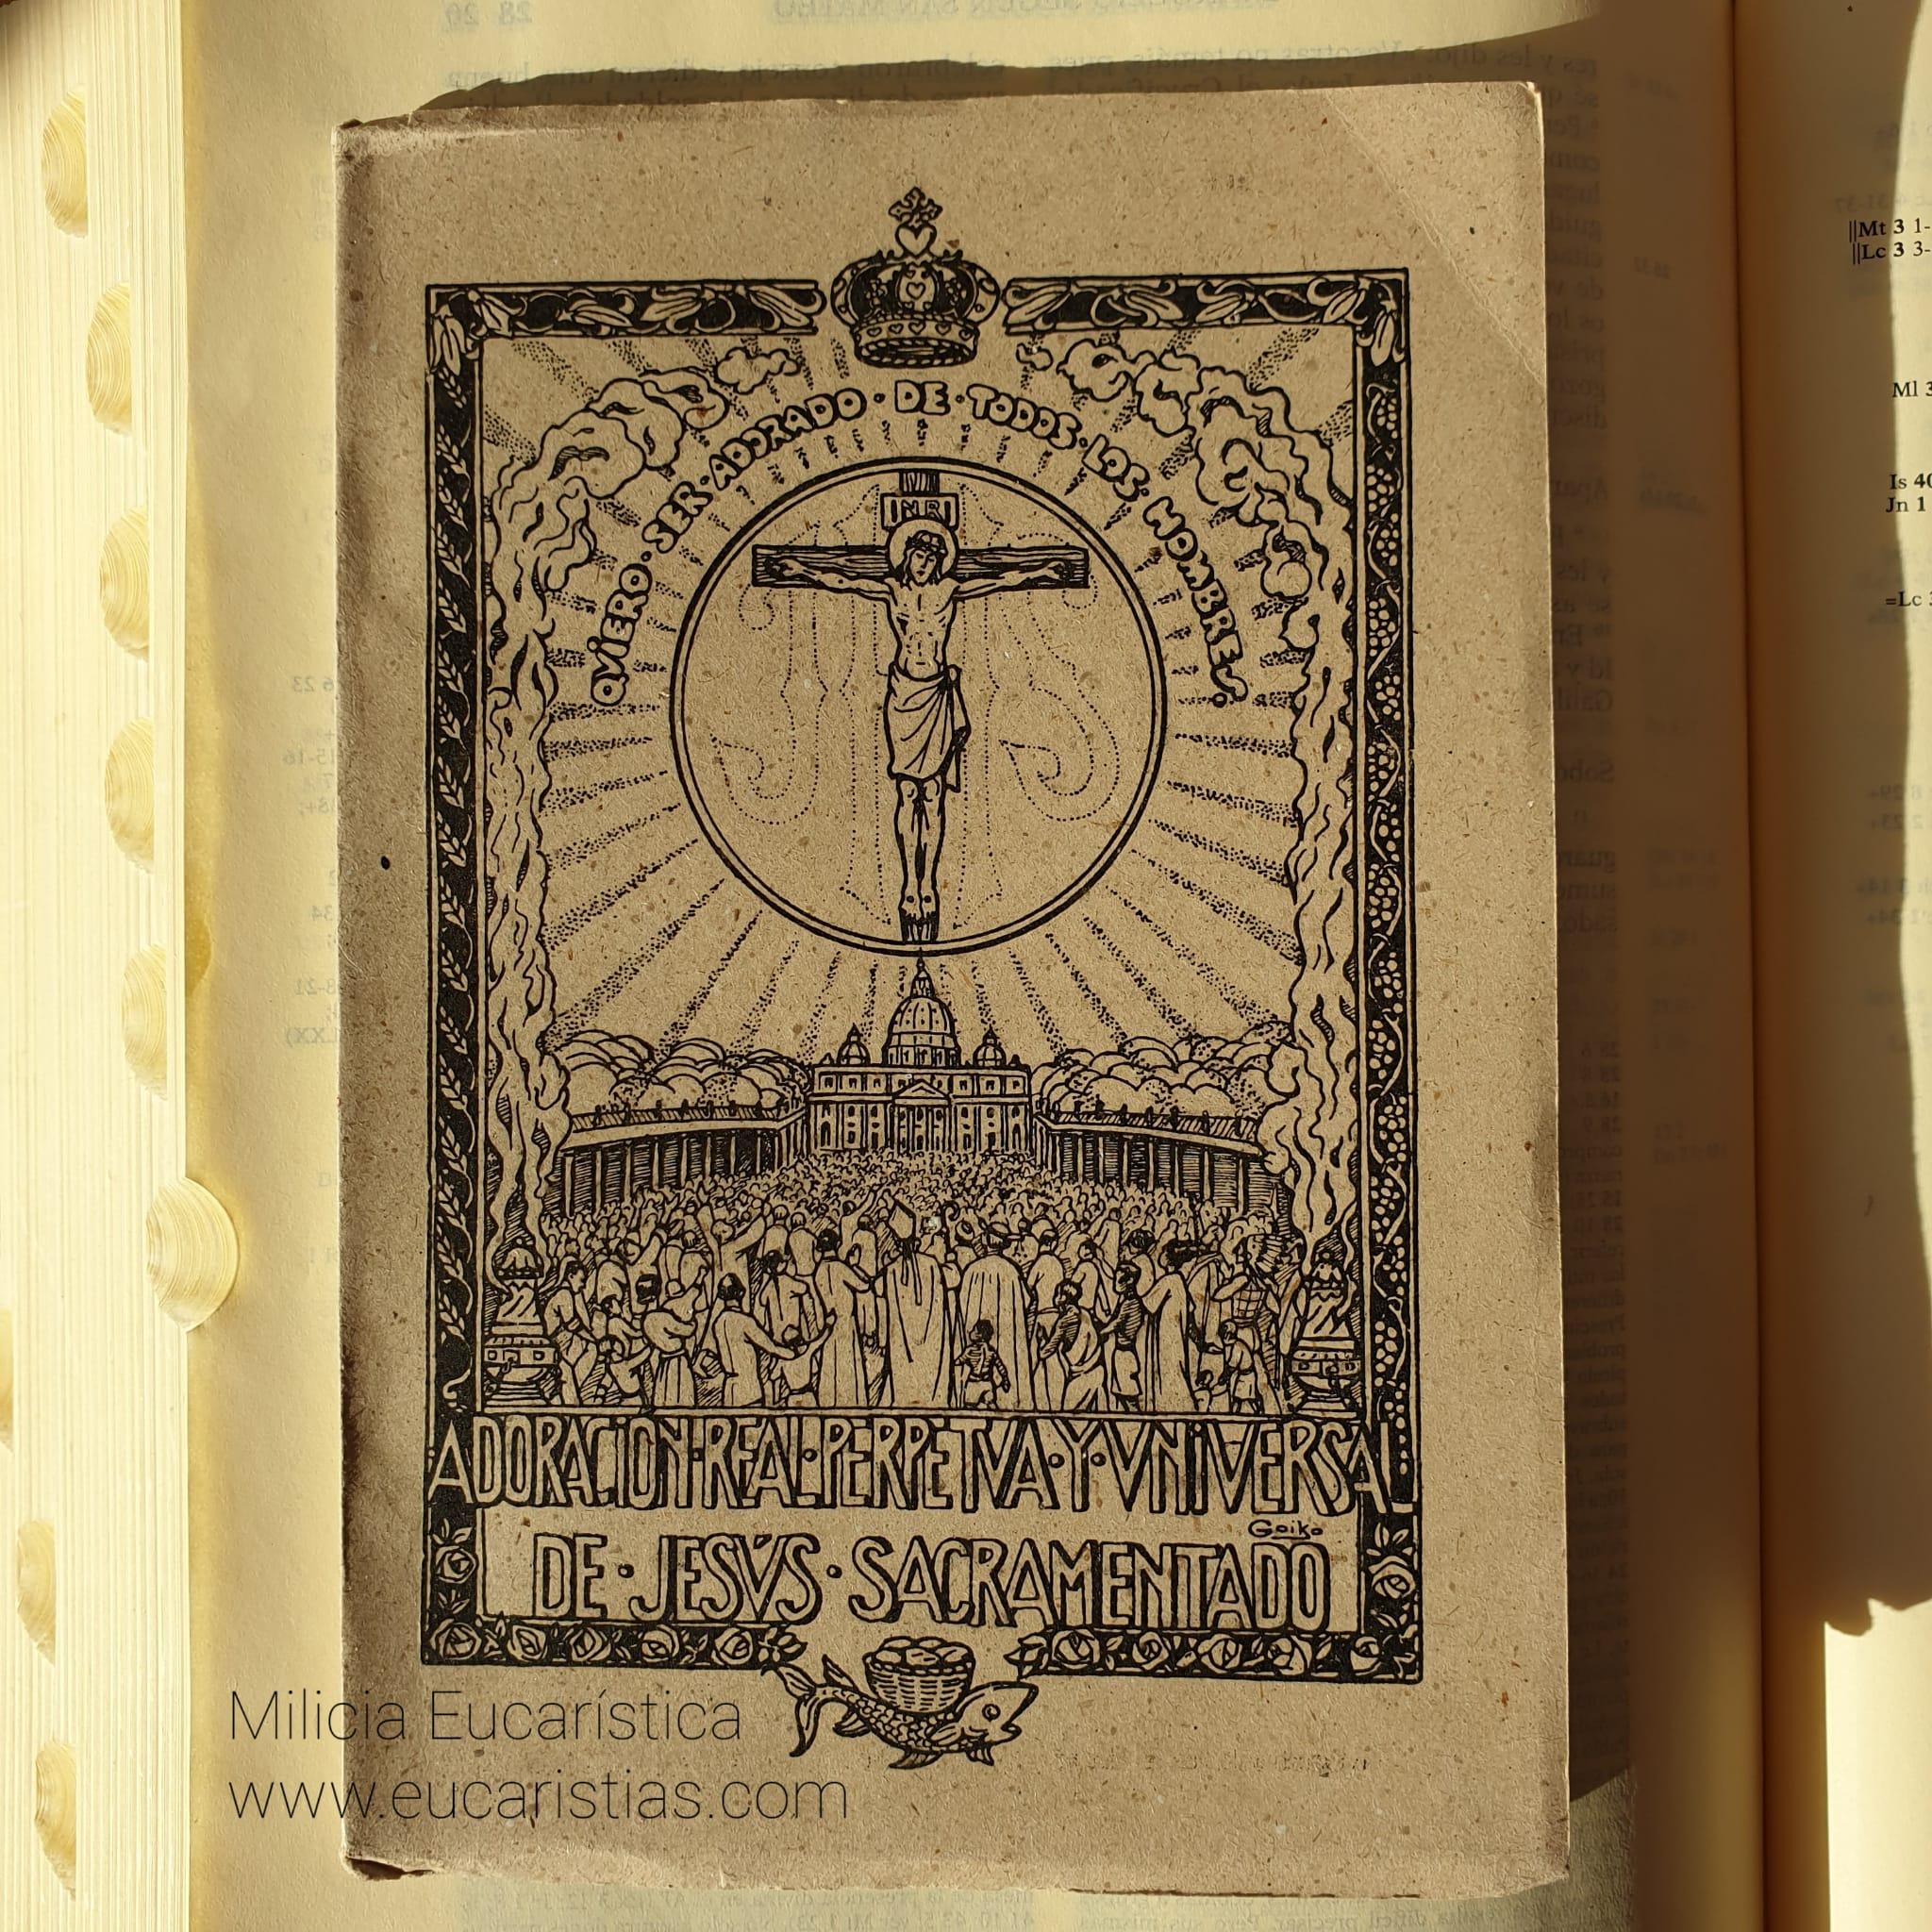 Adoración Eucaristica Perpetua